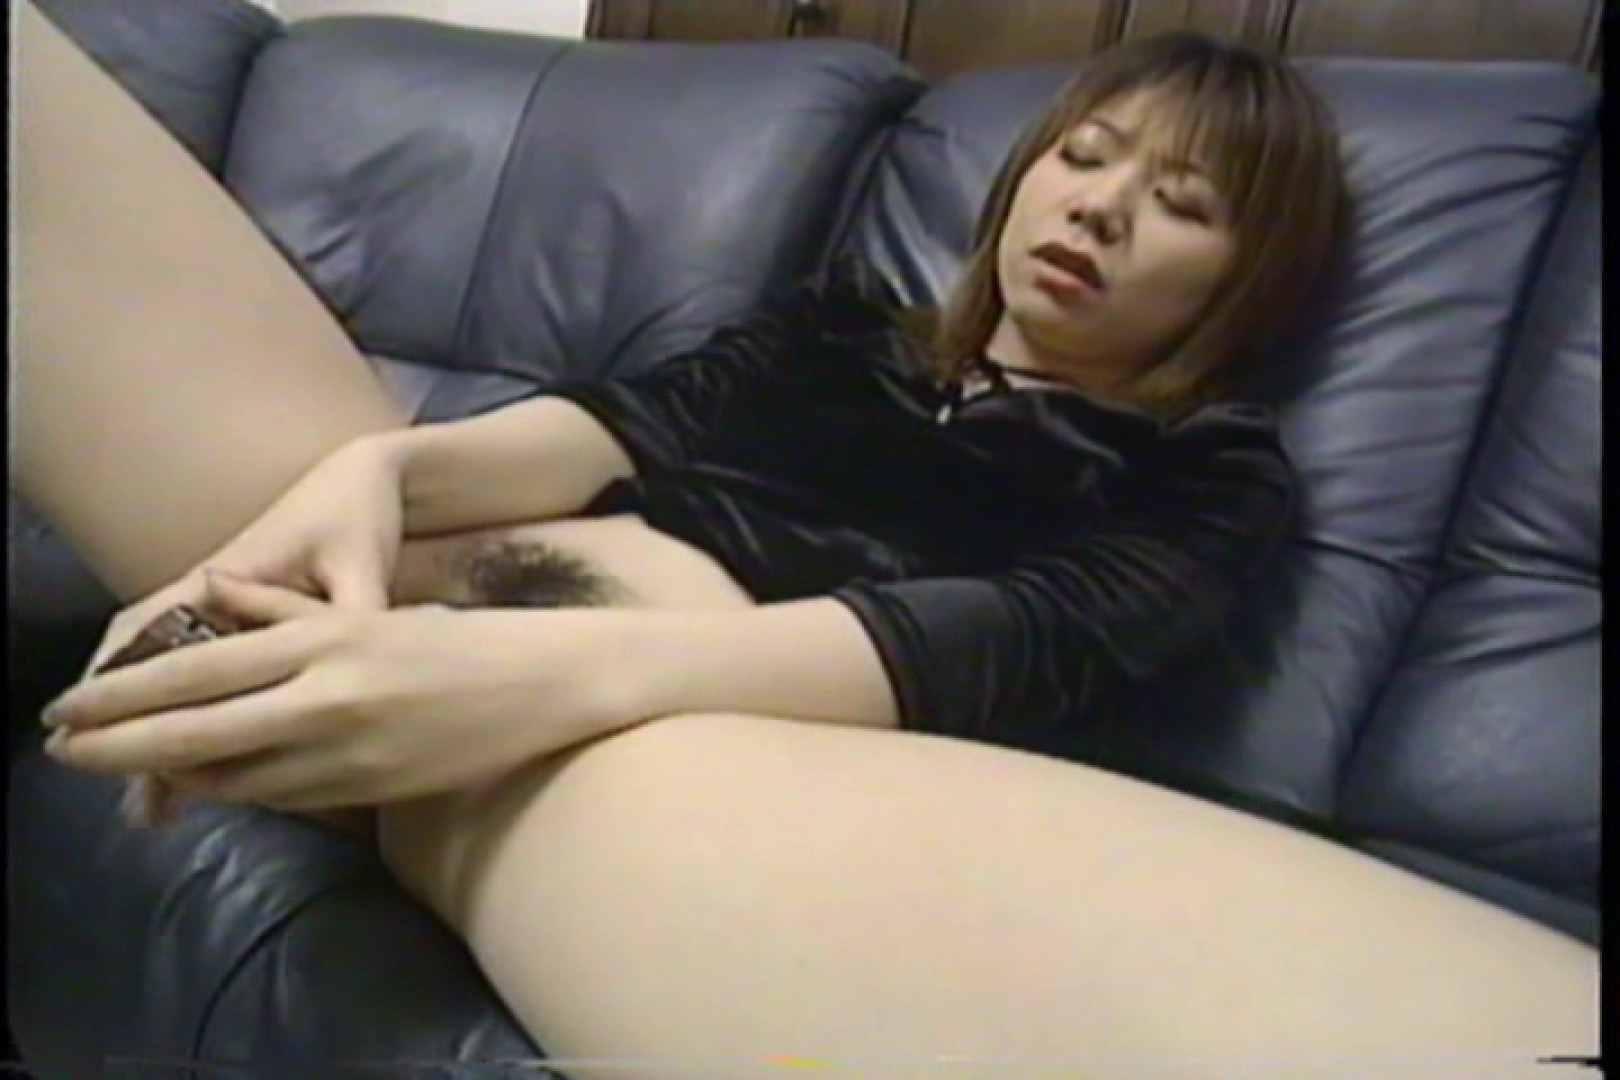 かわいい人妻、巨乳が疼いて止まらない~飯島れいか~ 巨乳に挟まれたい 濡れ場動画紹介 106pic 64